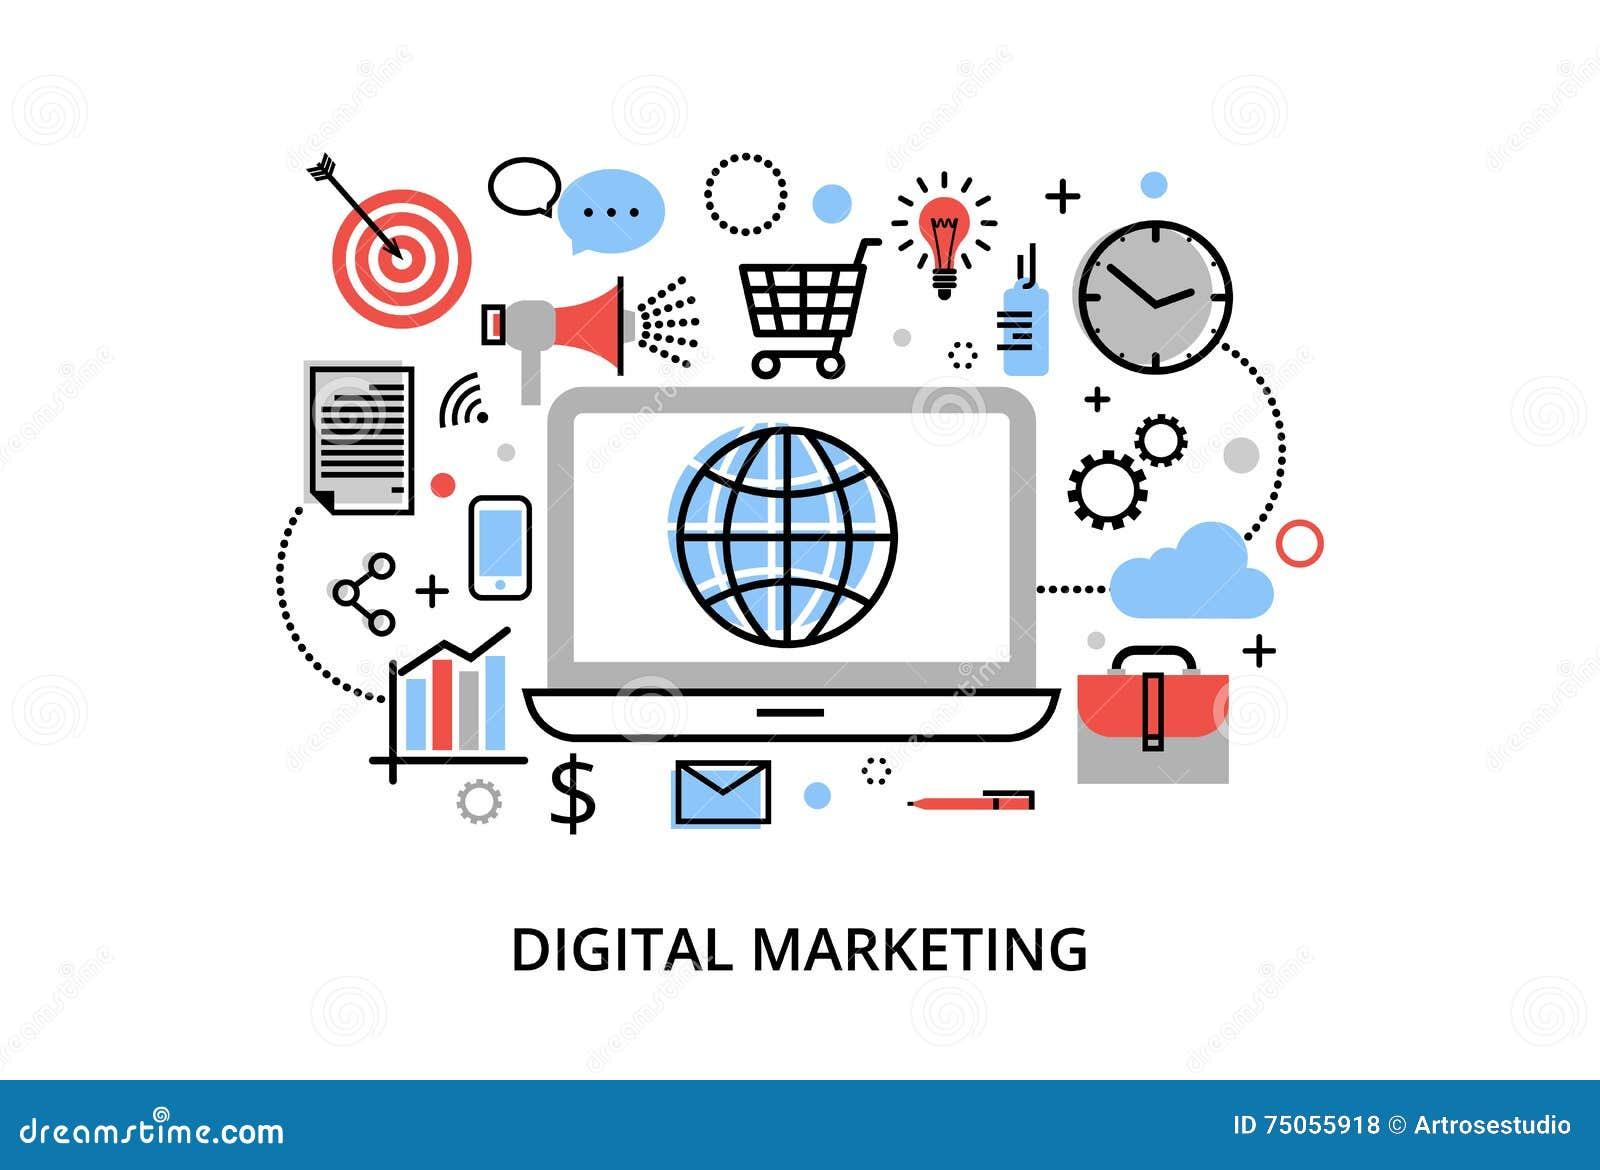 De moderne vlakke dunne vectorillustratie van het lijnontwerp, concept digitale marketing, Internet-marketing anaal idee en nieuw